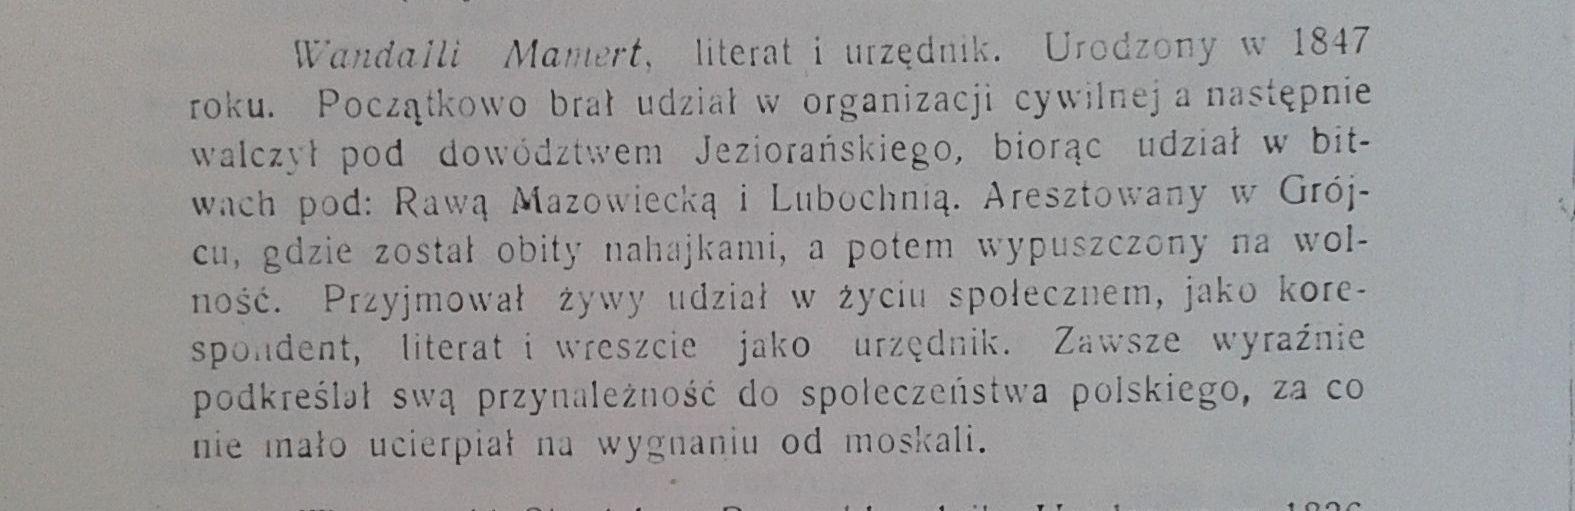 Maliszewski_b